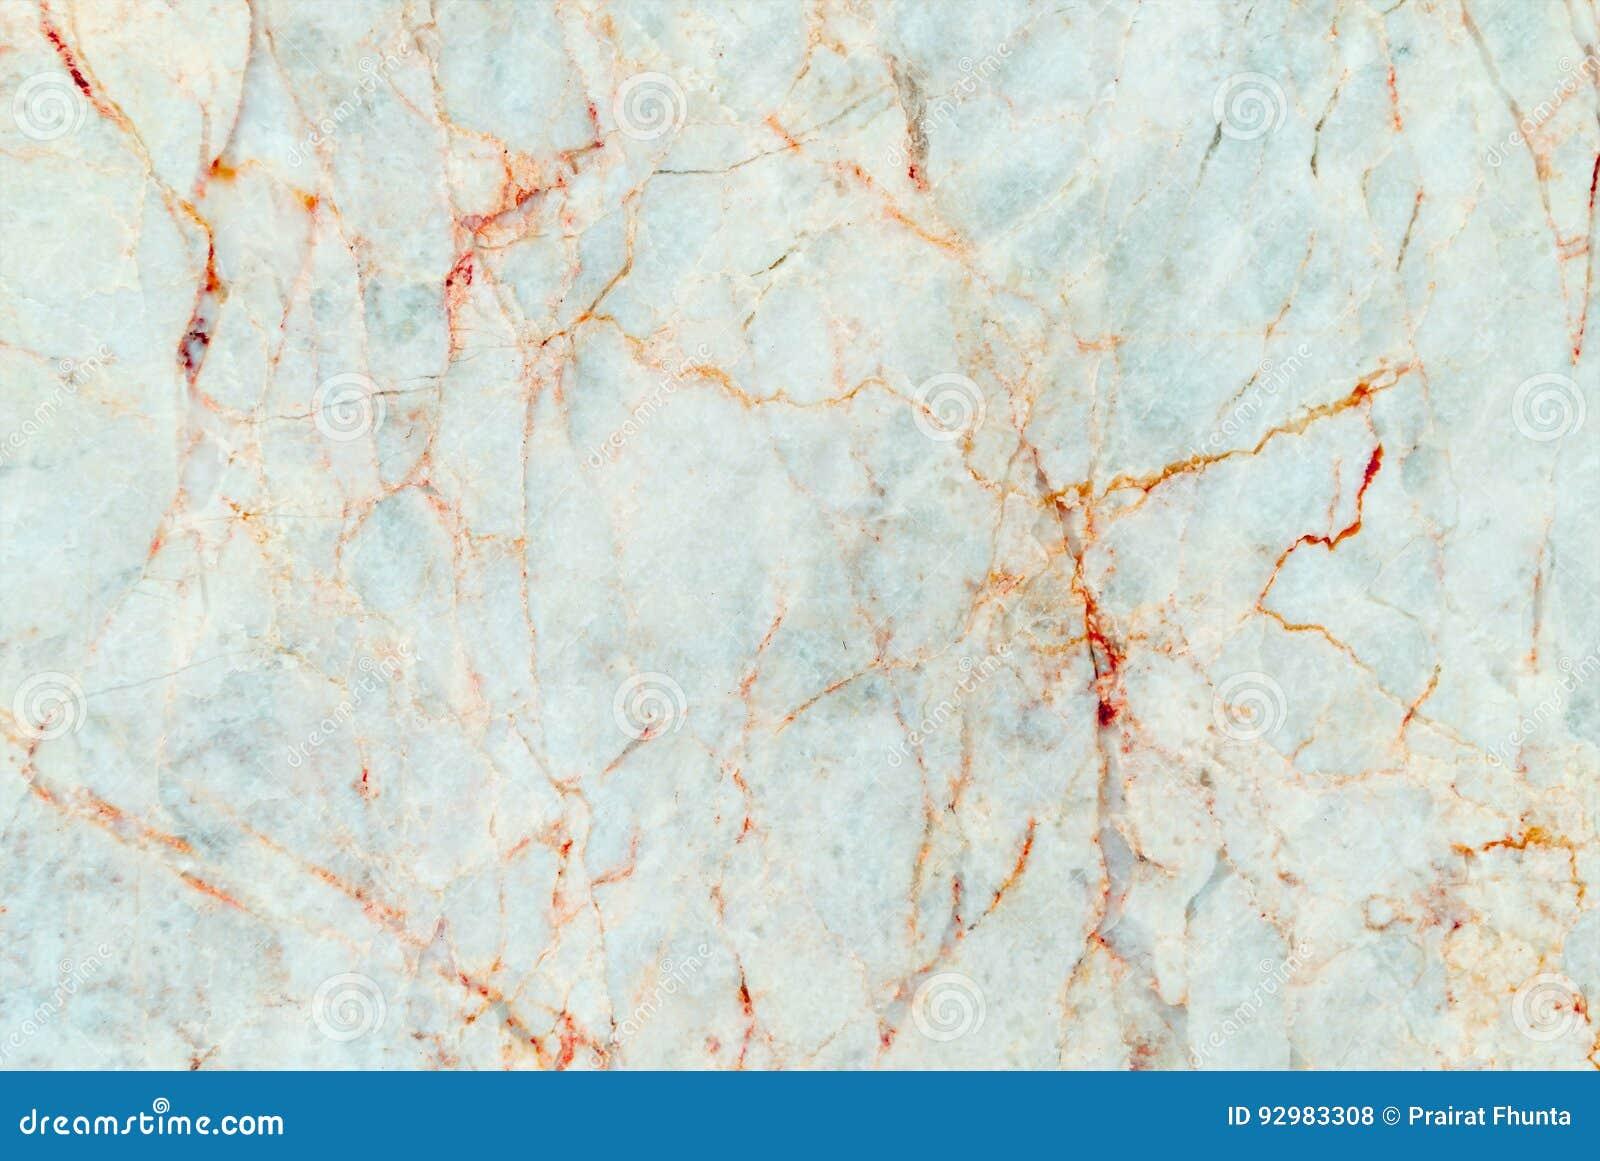 Textura de mármol con las porciones de poner en contraste intrépido que vetean